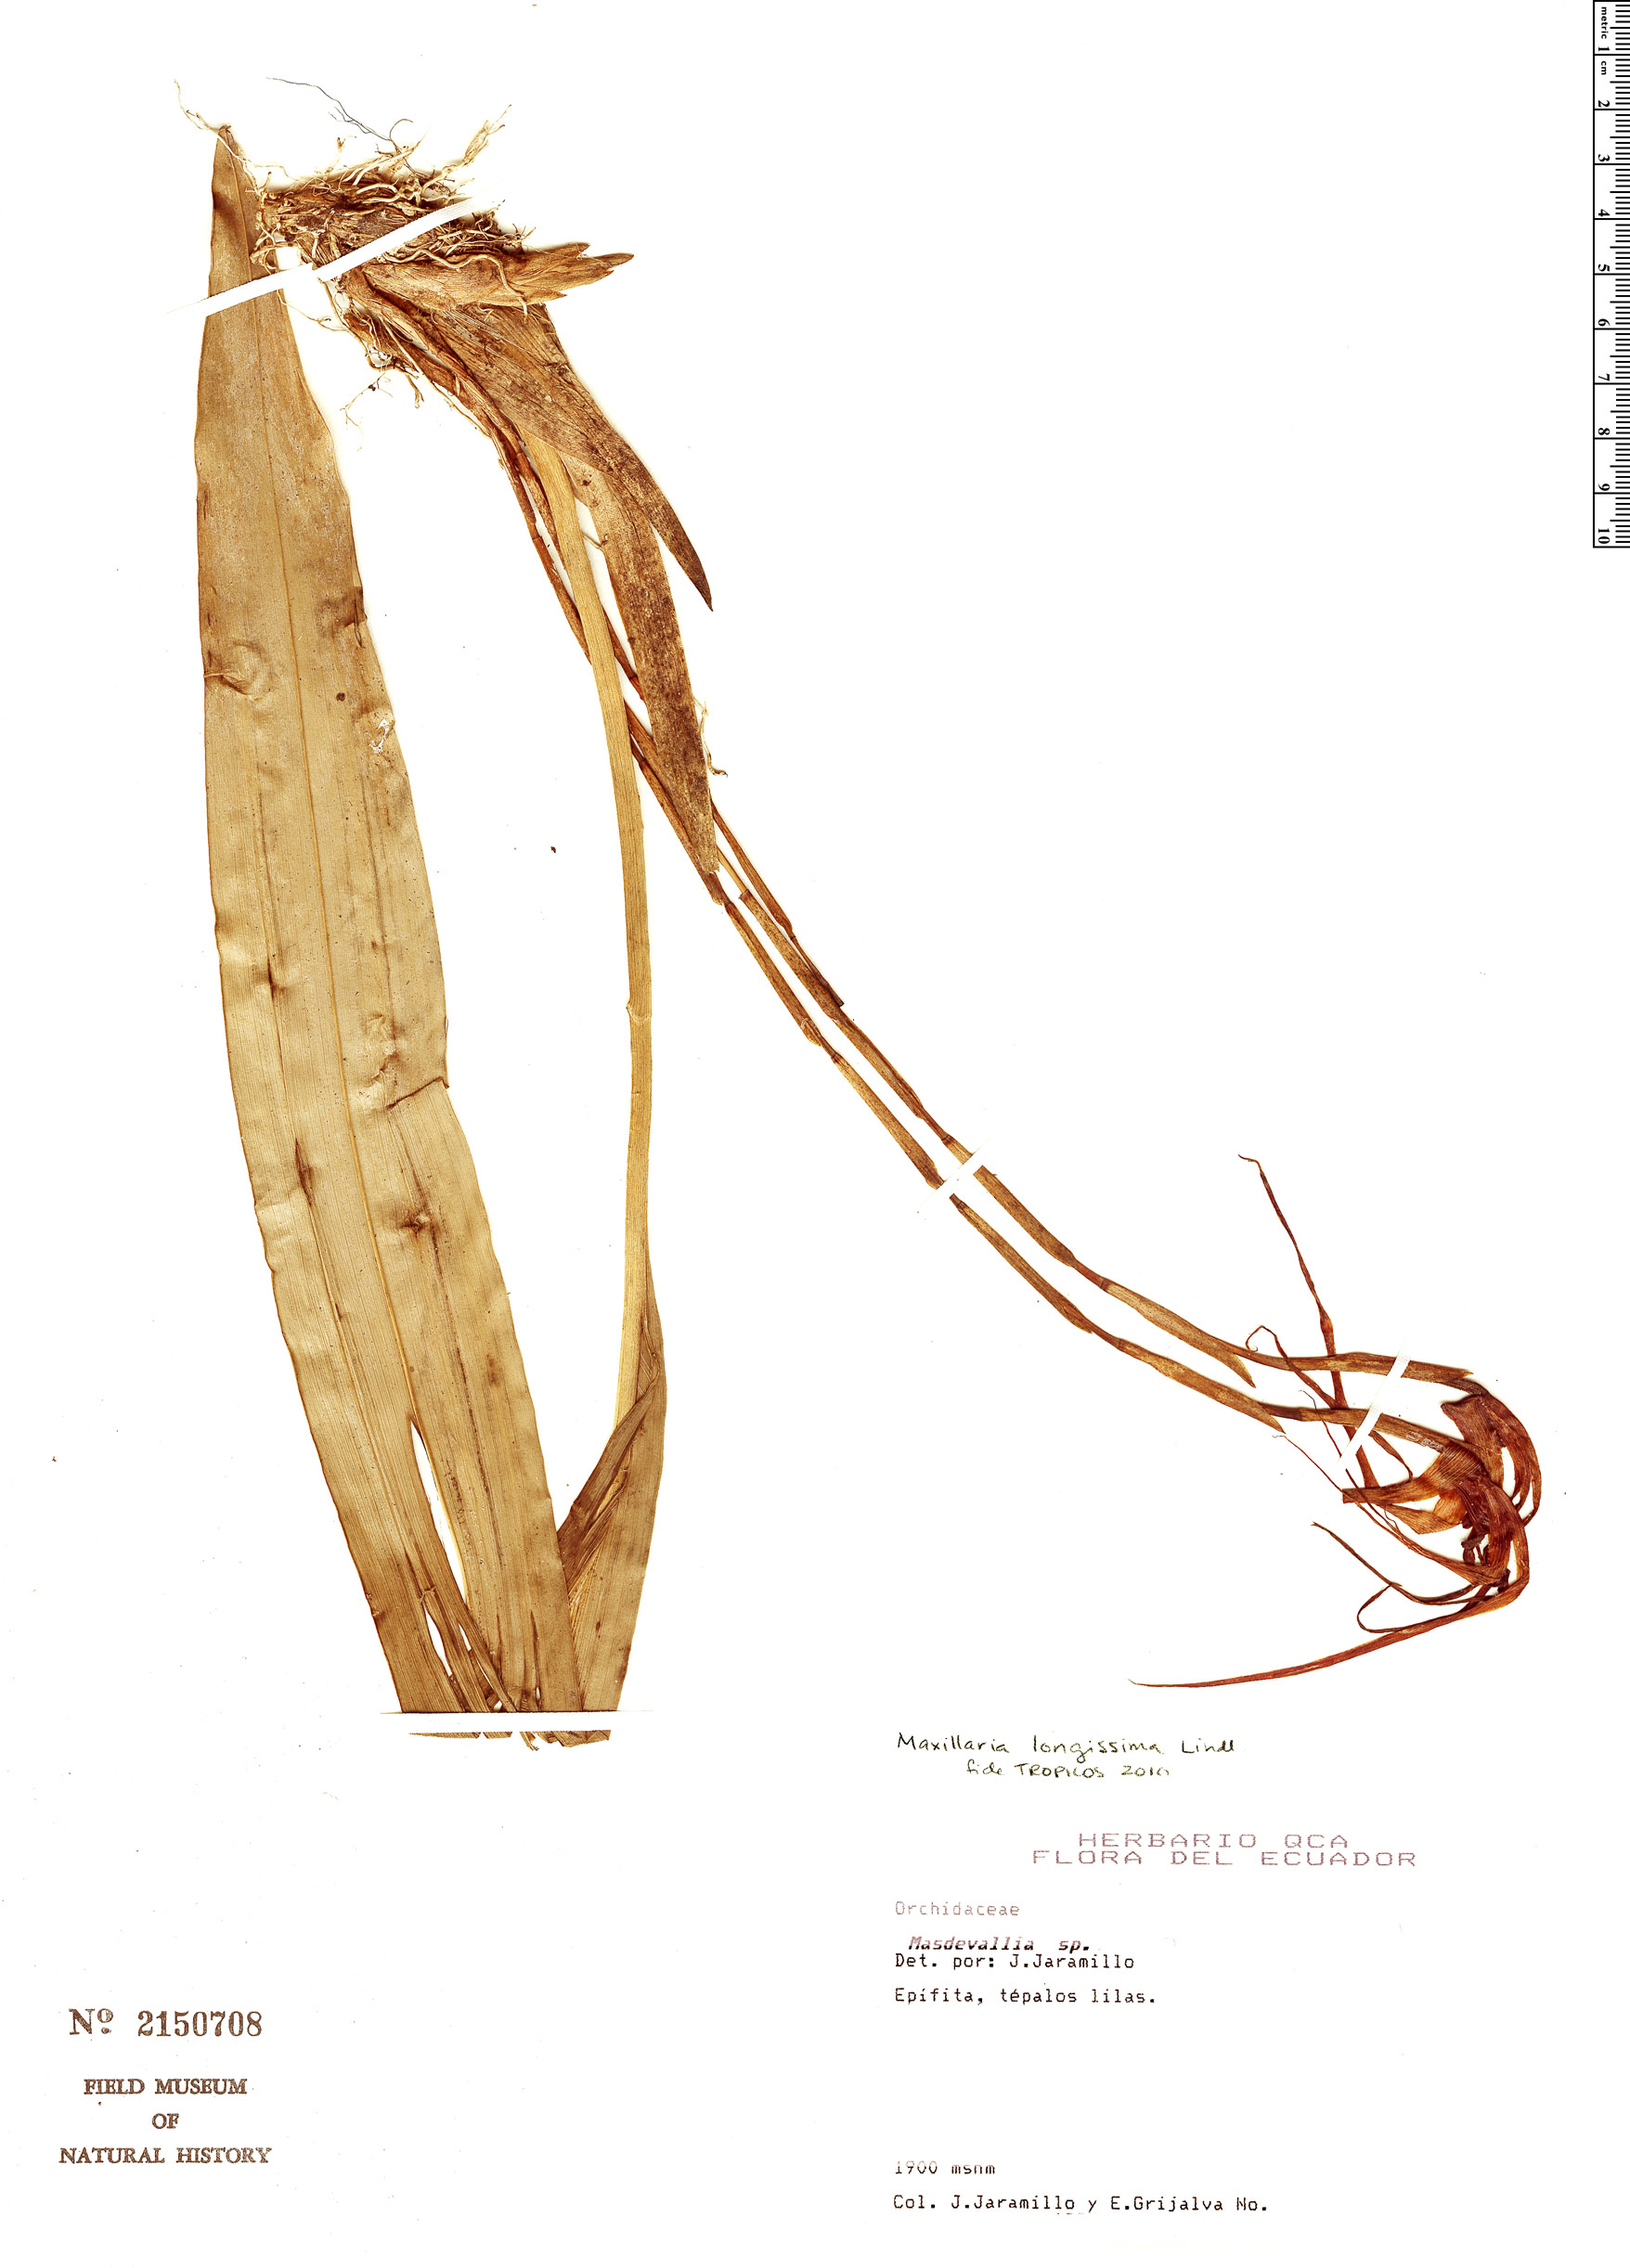 Specimen: Maxillaria longissima